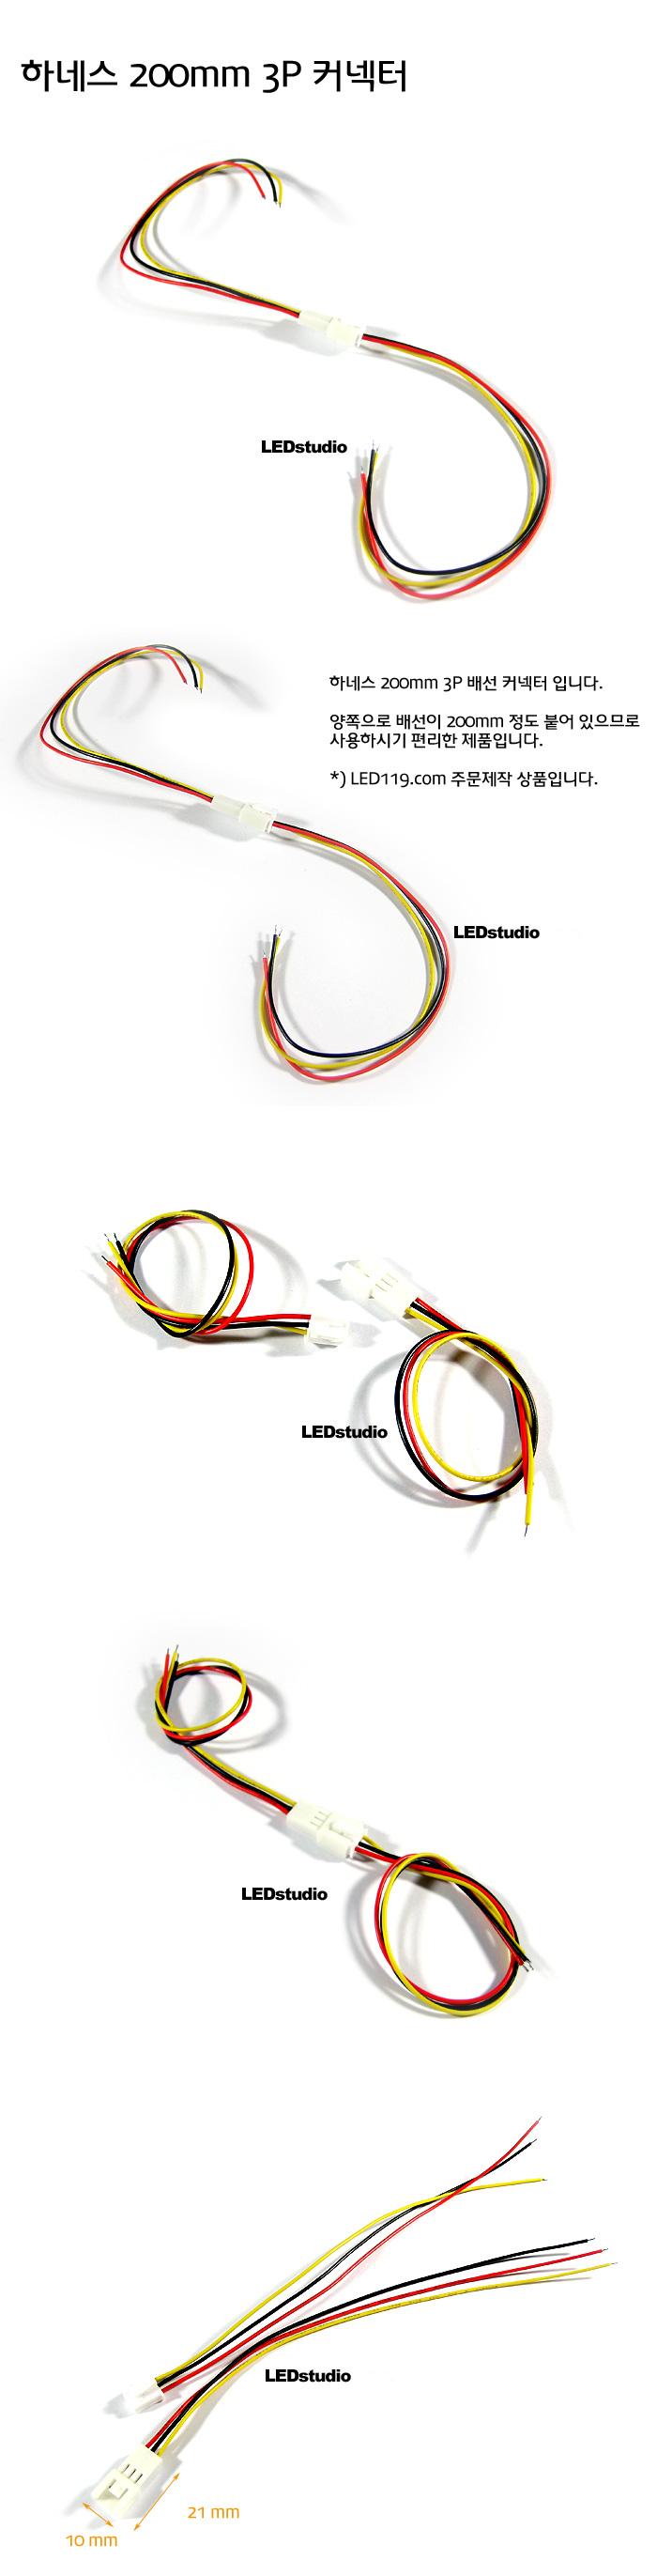 하네스 200mm 3P 커넥터